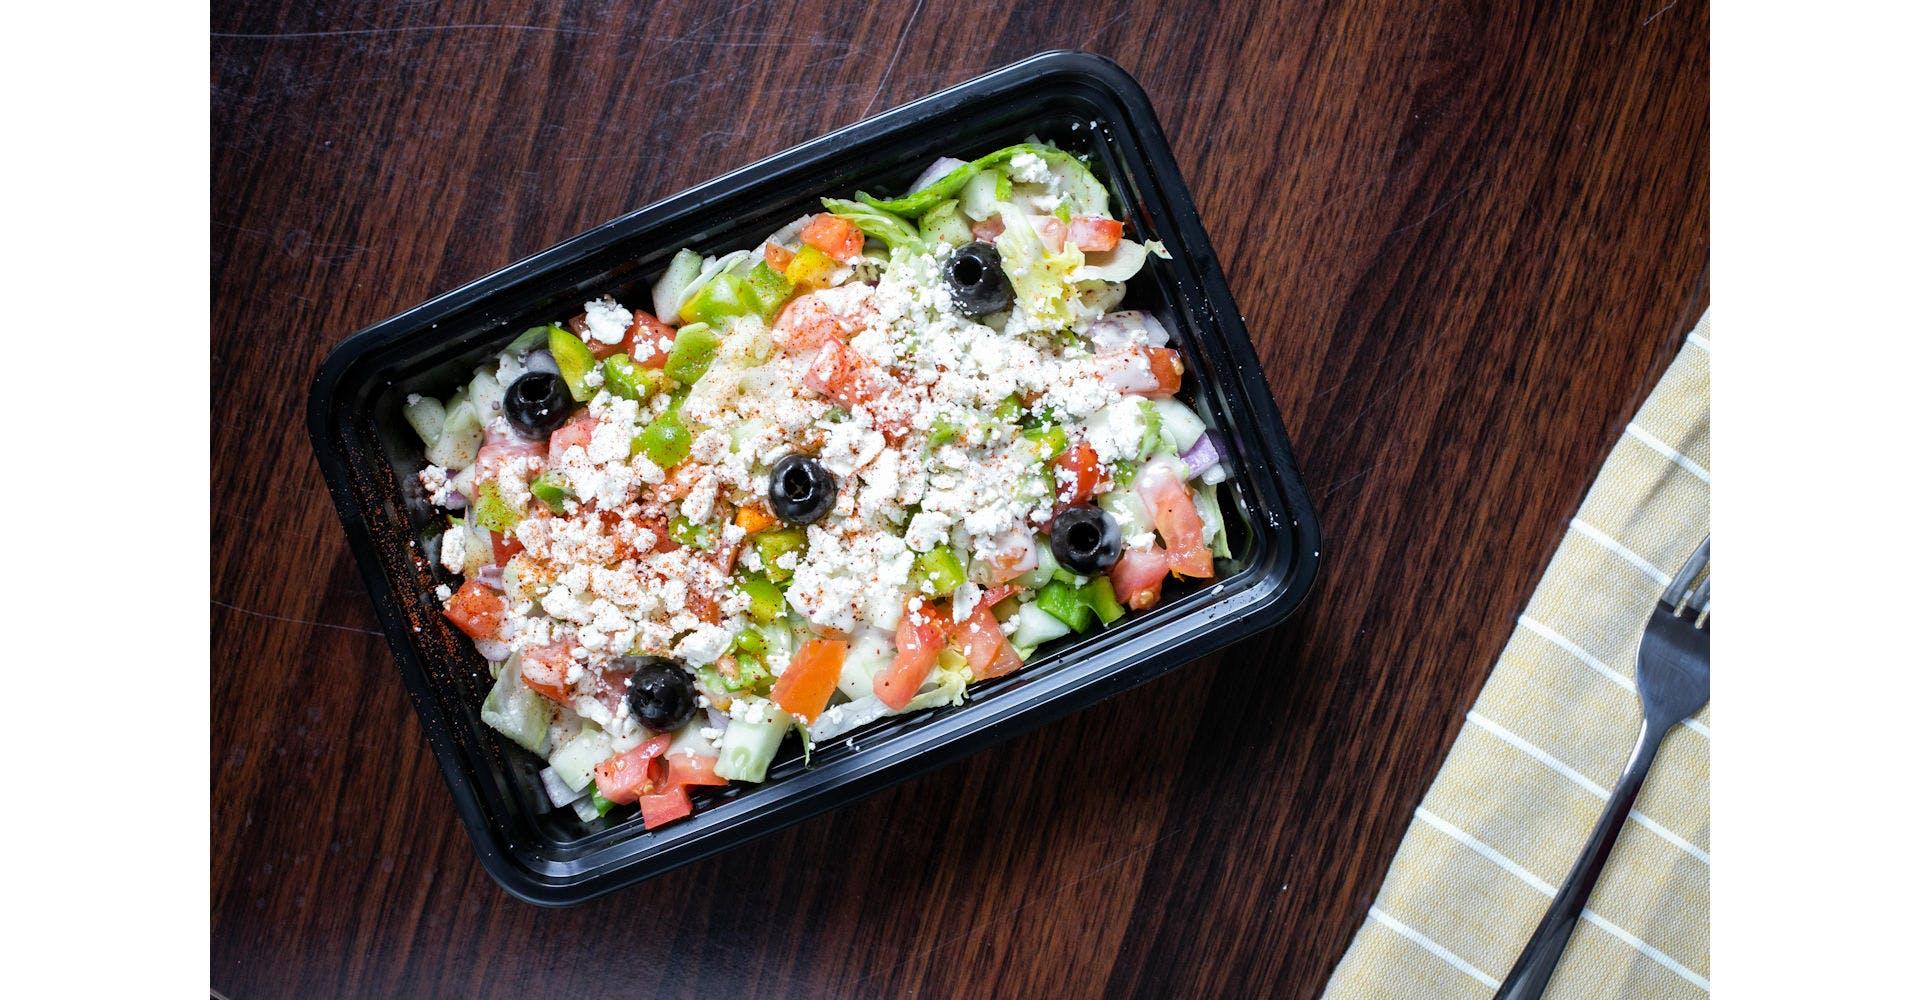 Greek Salad from Austin's Habibi in Austin, TX